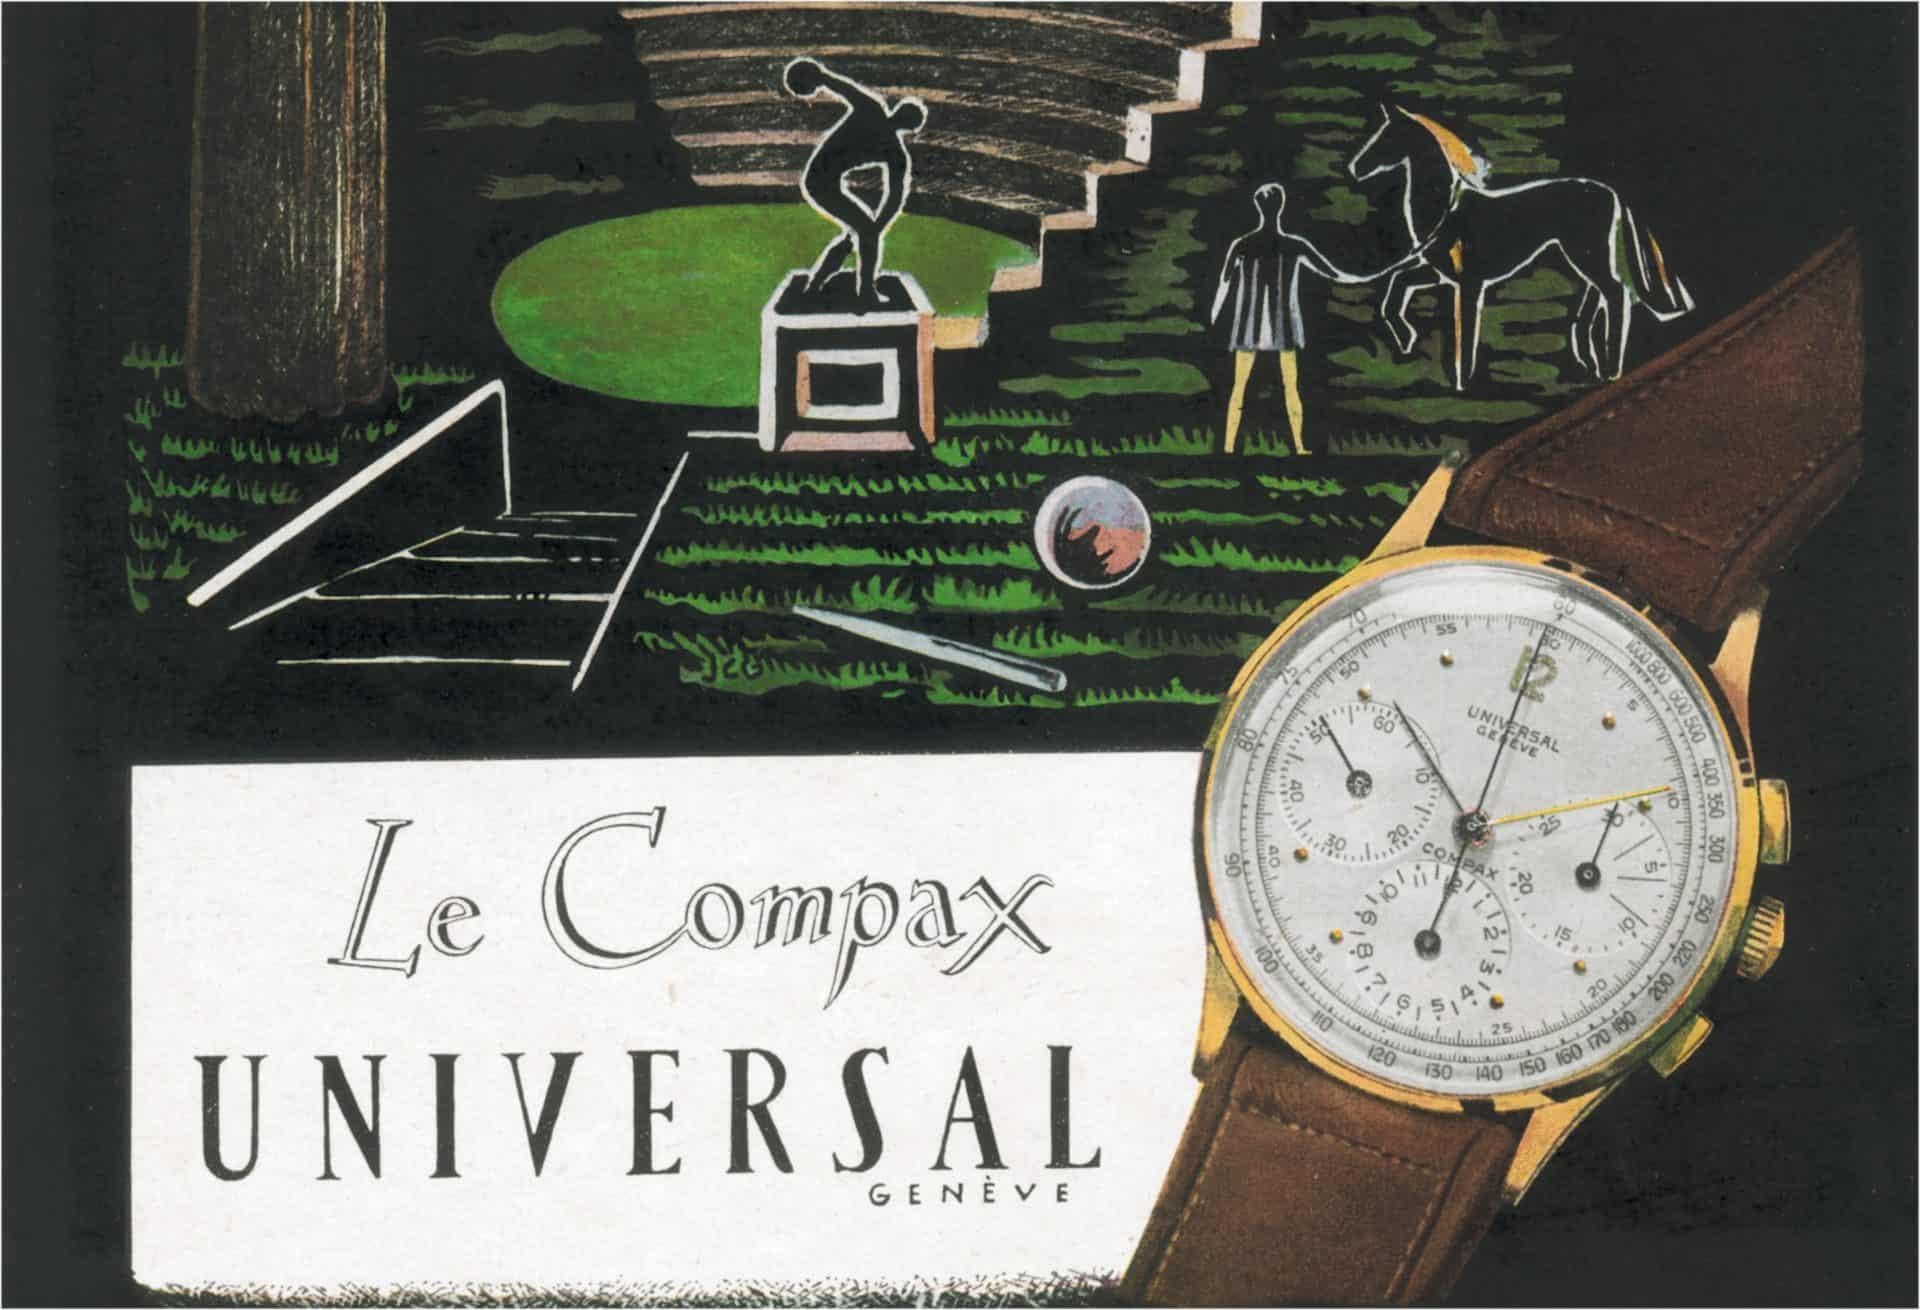 Compax, ein Name für Chronographen von Universal Genève